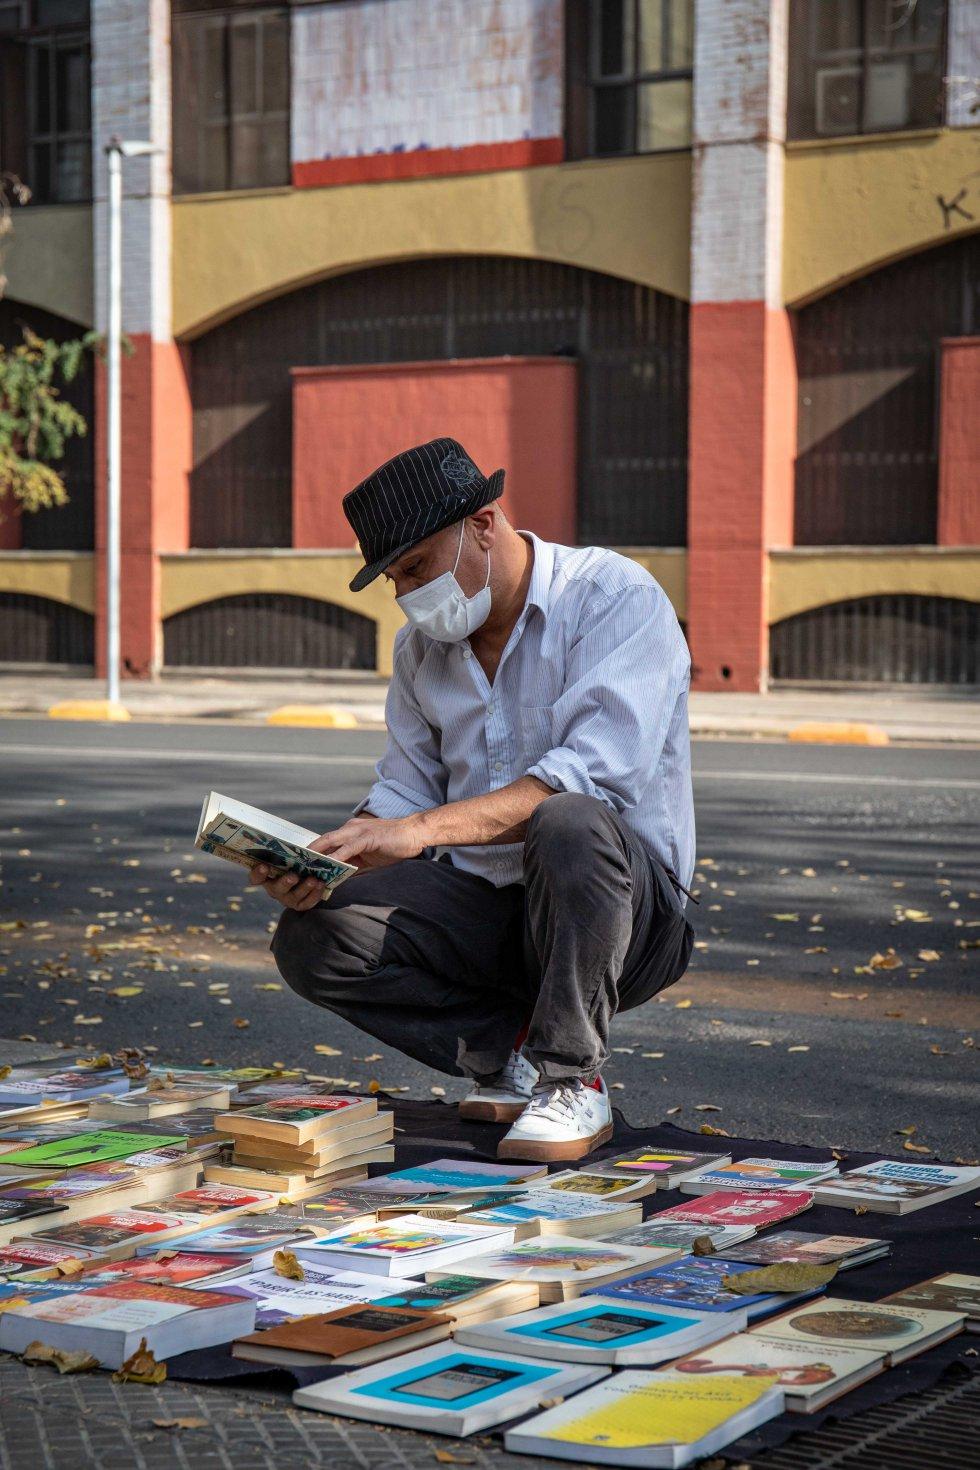 Fabián, de 51 años, se dedica a la venta de libros en los alrededores de la Plaza Italia tras haber quedado sin trabajo hace cinco años.